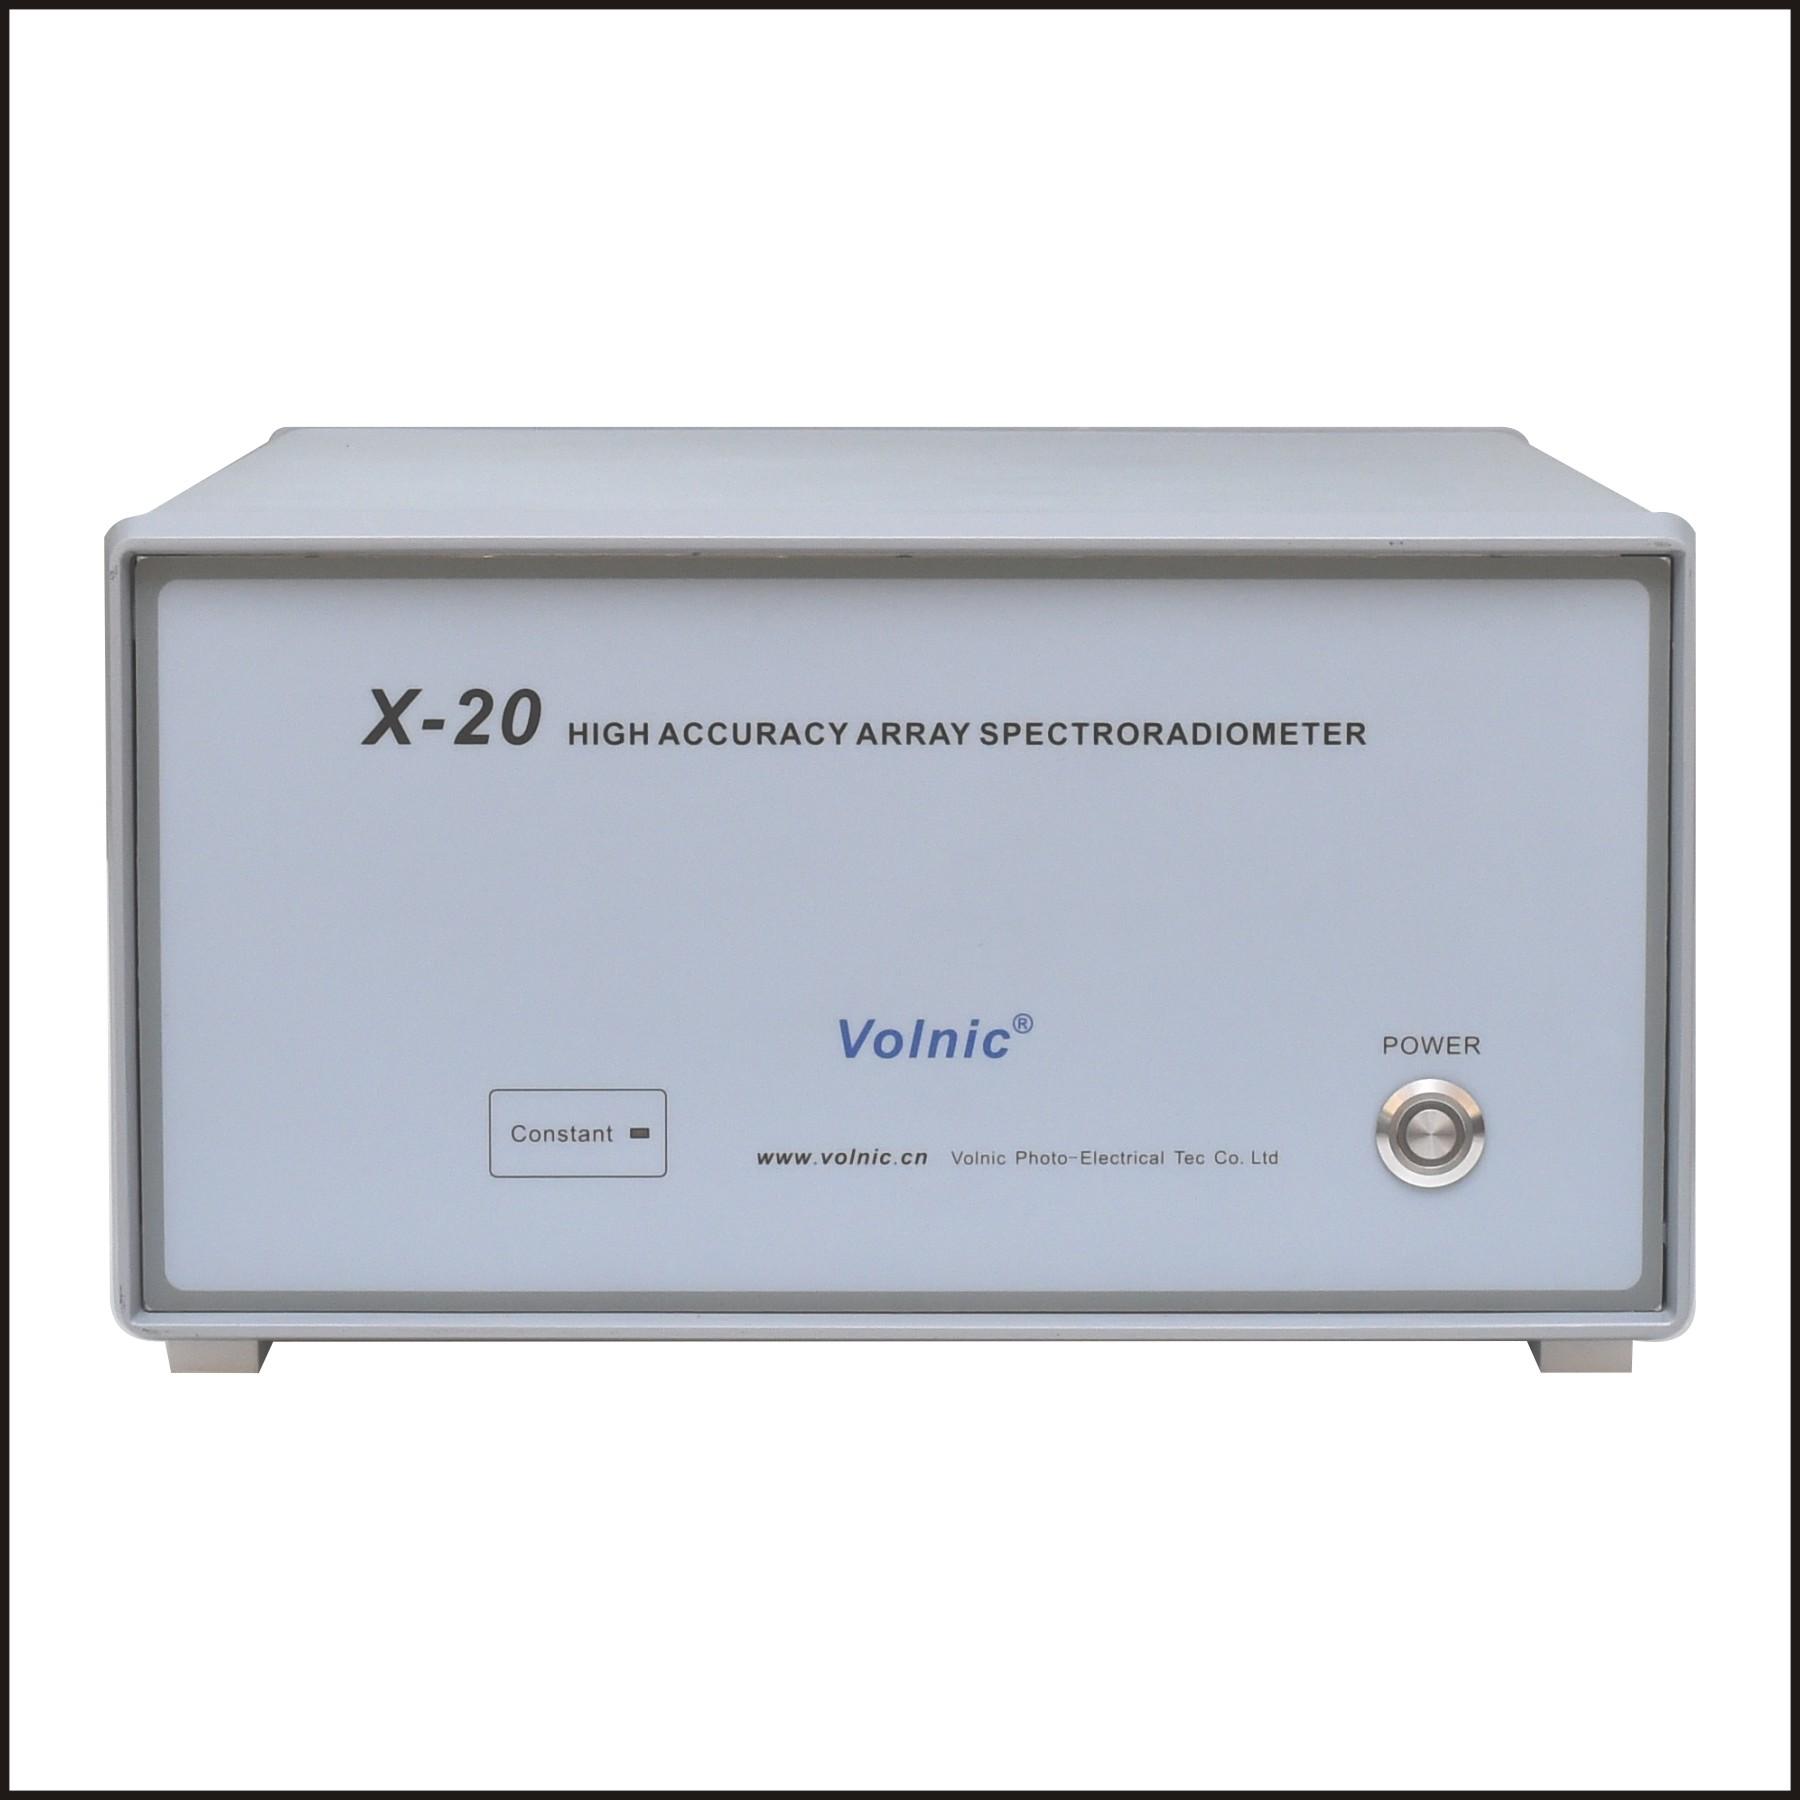 X-20 高精度快速光谱分析仪